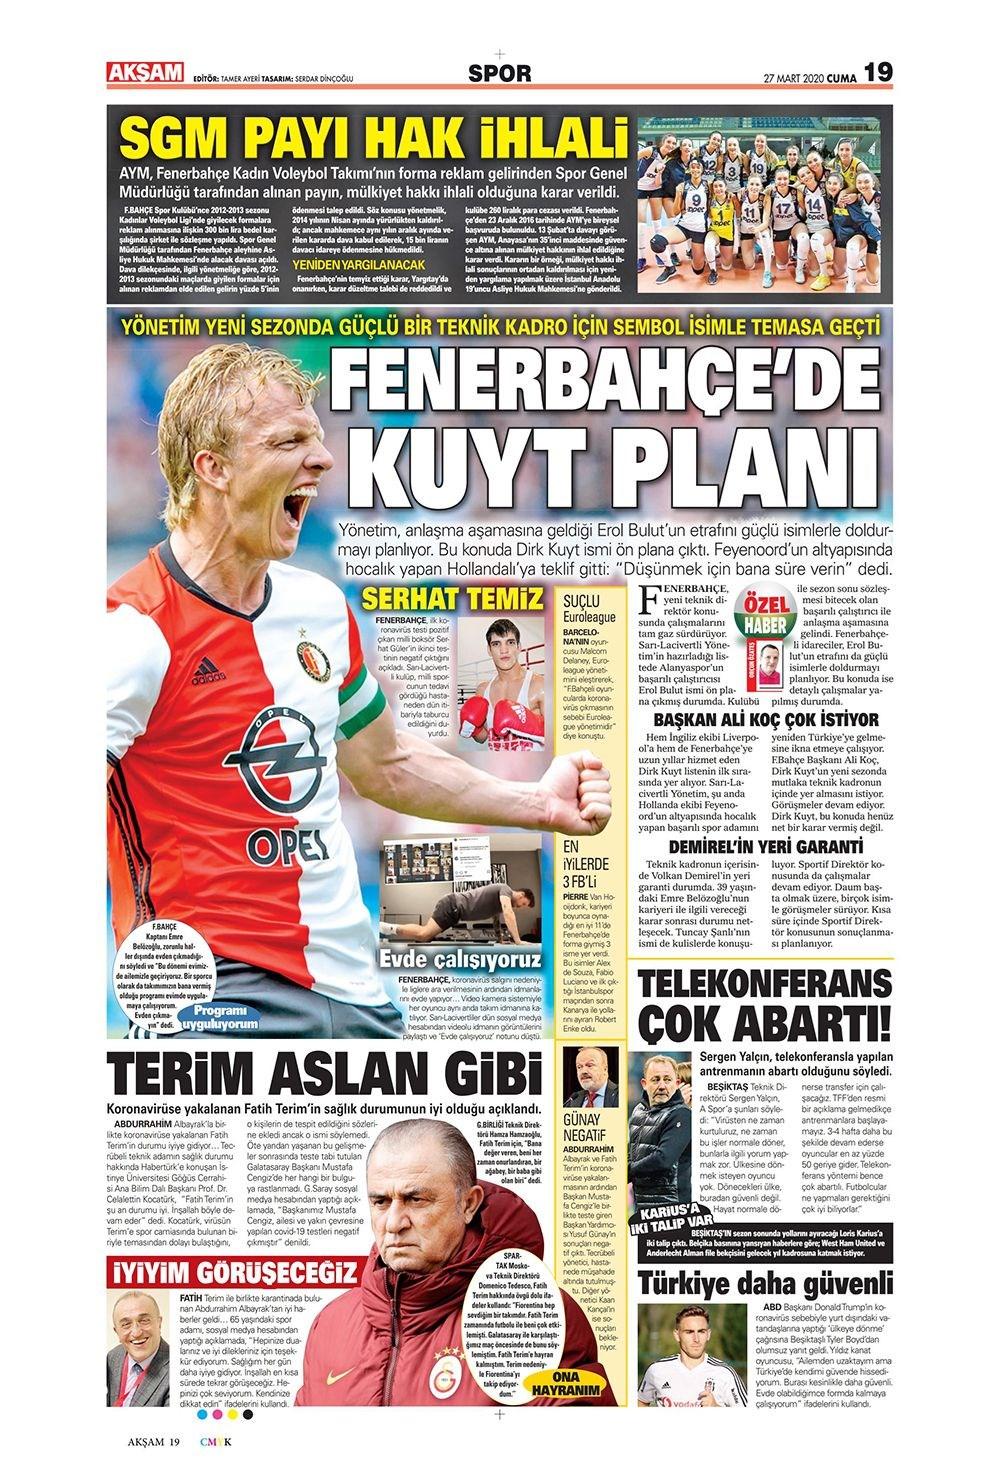 İşte 27 Mart günün spor manşetleri! Haftanın önemli spor gelişmeleri 1